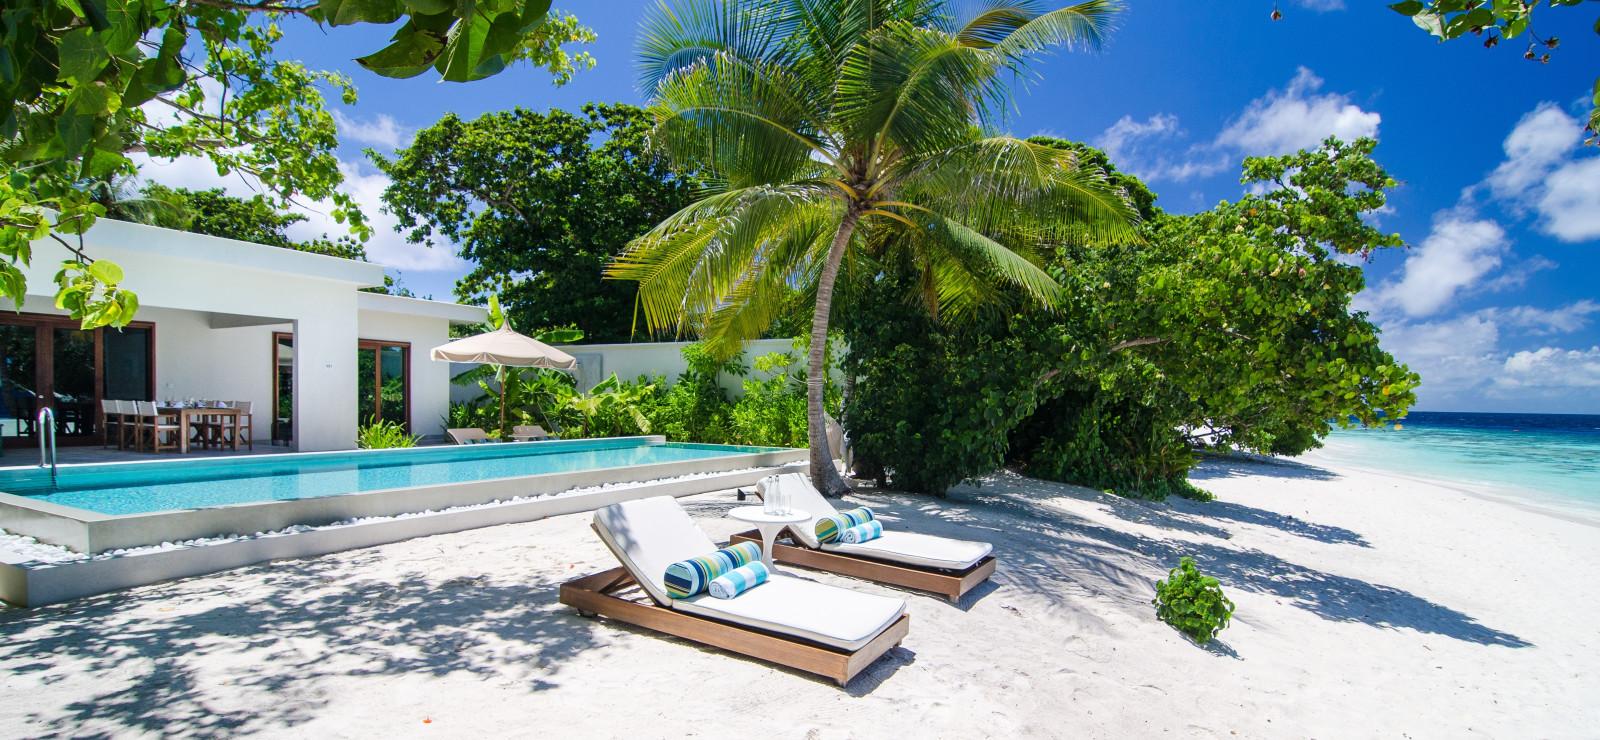 Amilla Maldives Resort & Residences Bilder | Bild 1